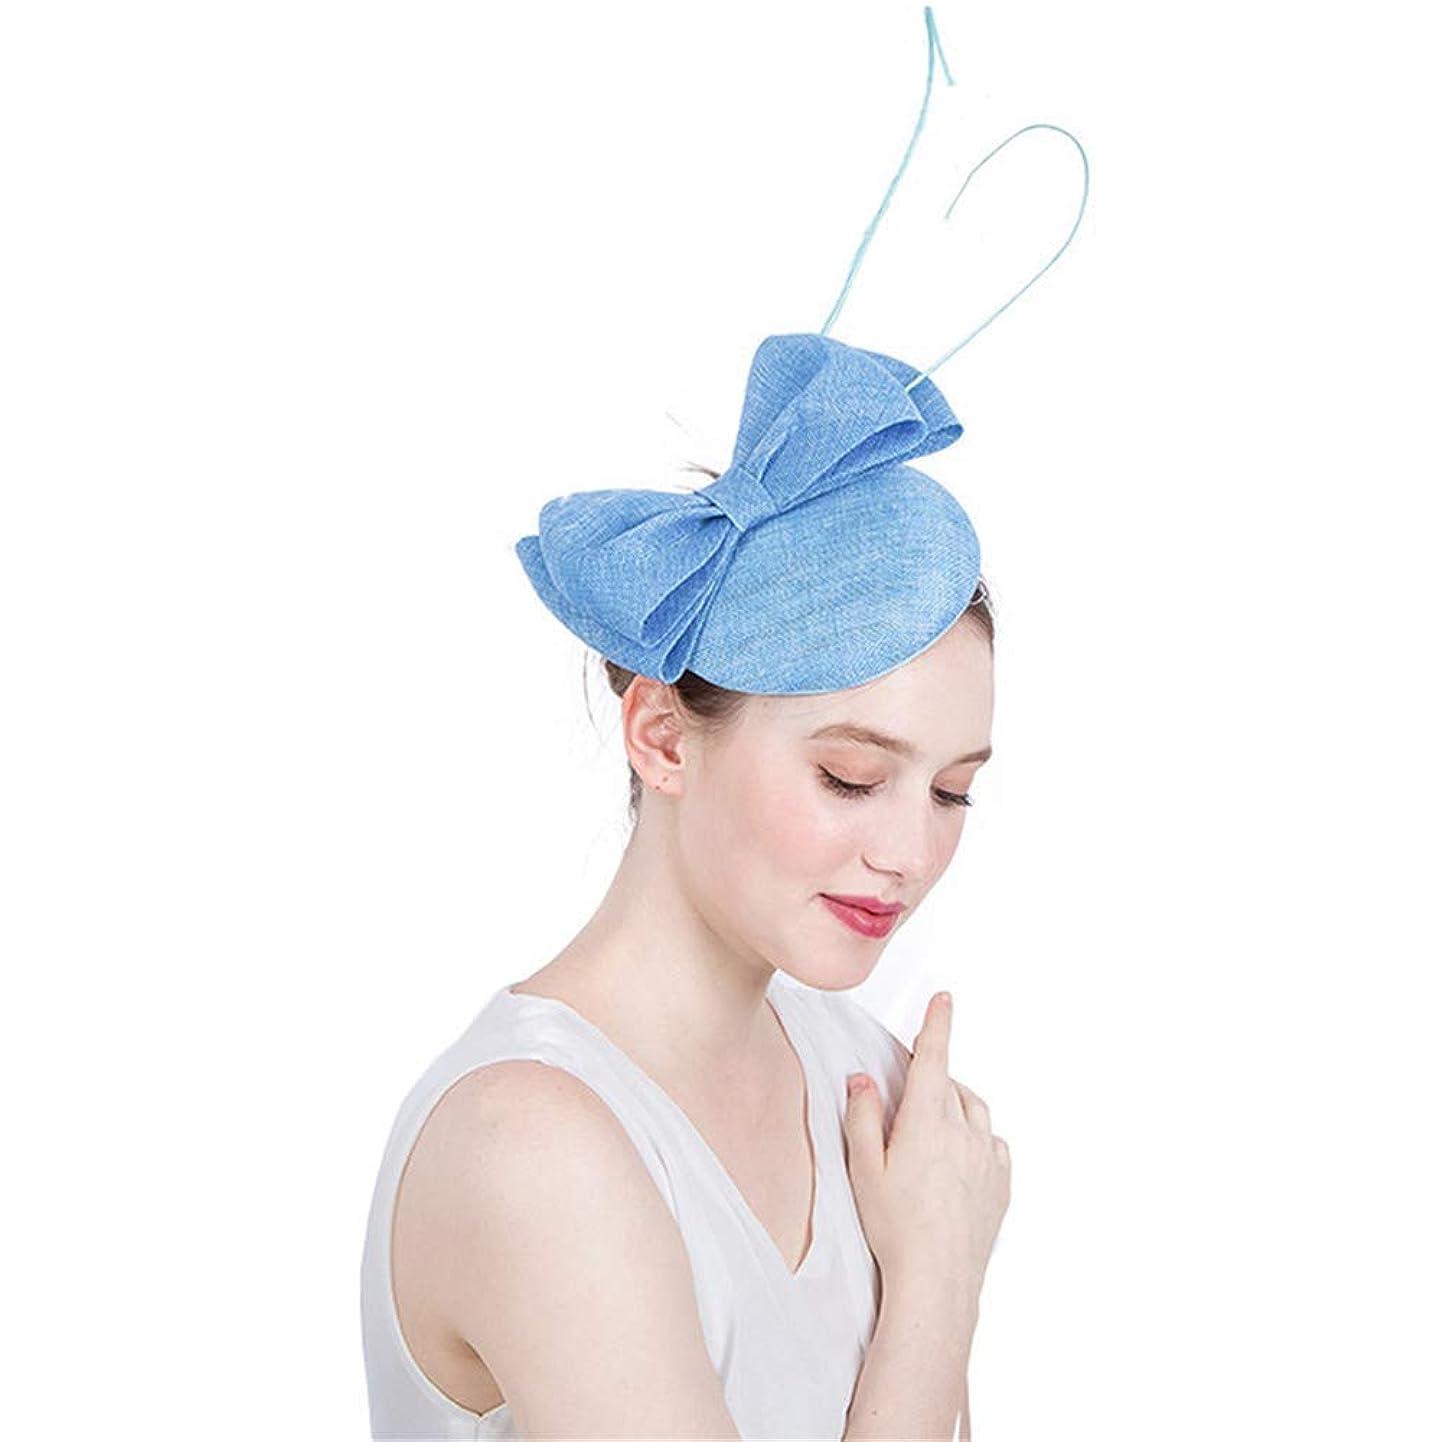 振幅武装解除誇張する女性の魅力的な帽子 女性のエレガントなSinamay魅惑的な帽子ブライダル羽ヘアクリップアクセサリーカクテルロイヤルアスコット (色 : 黄)